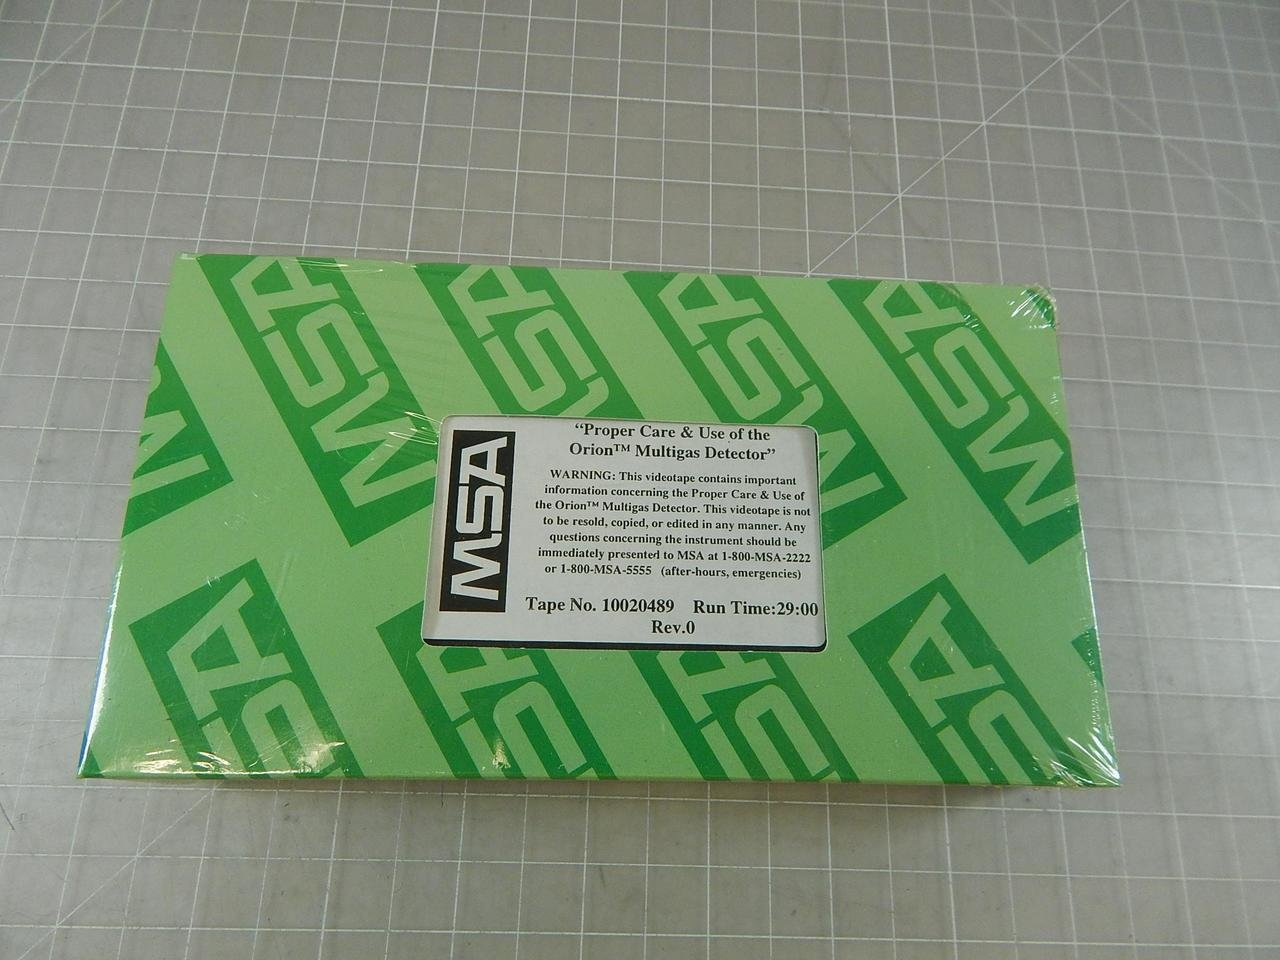 MSA, Orion DMT 01 ATEX E 001 X Multigas Detector w/Accessories T96350: Amazon.com: Industrial & Scientific